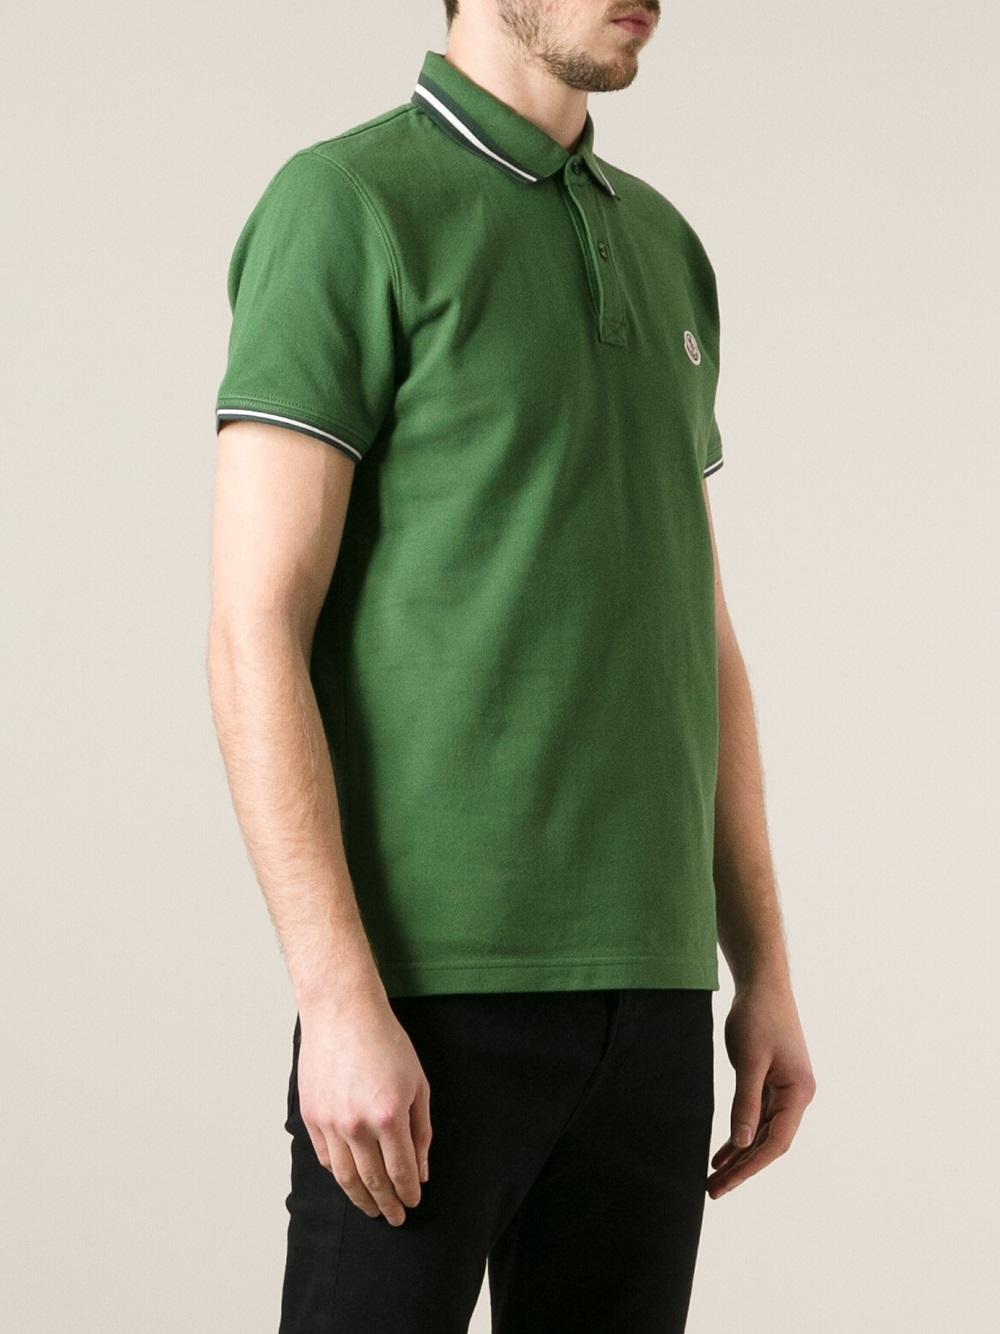 moncler polo army green